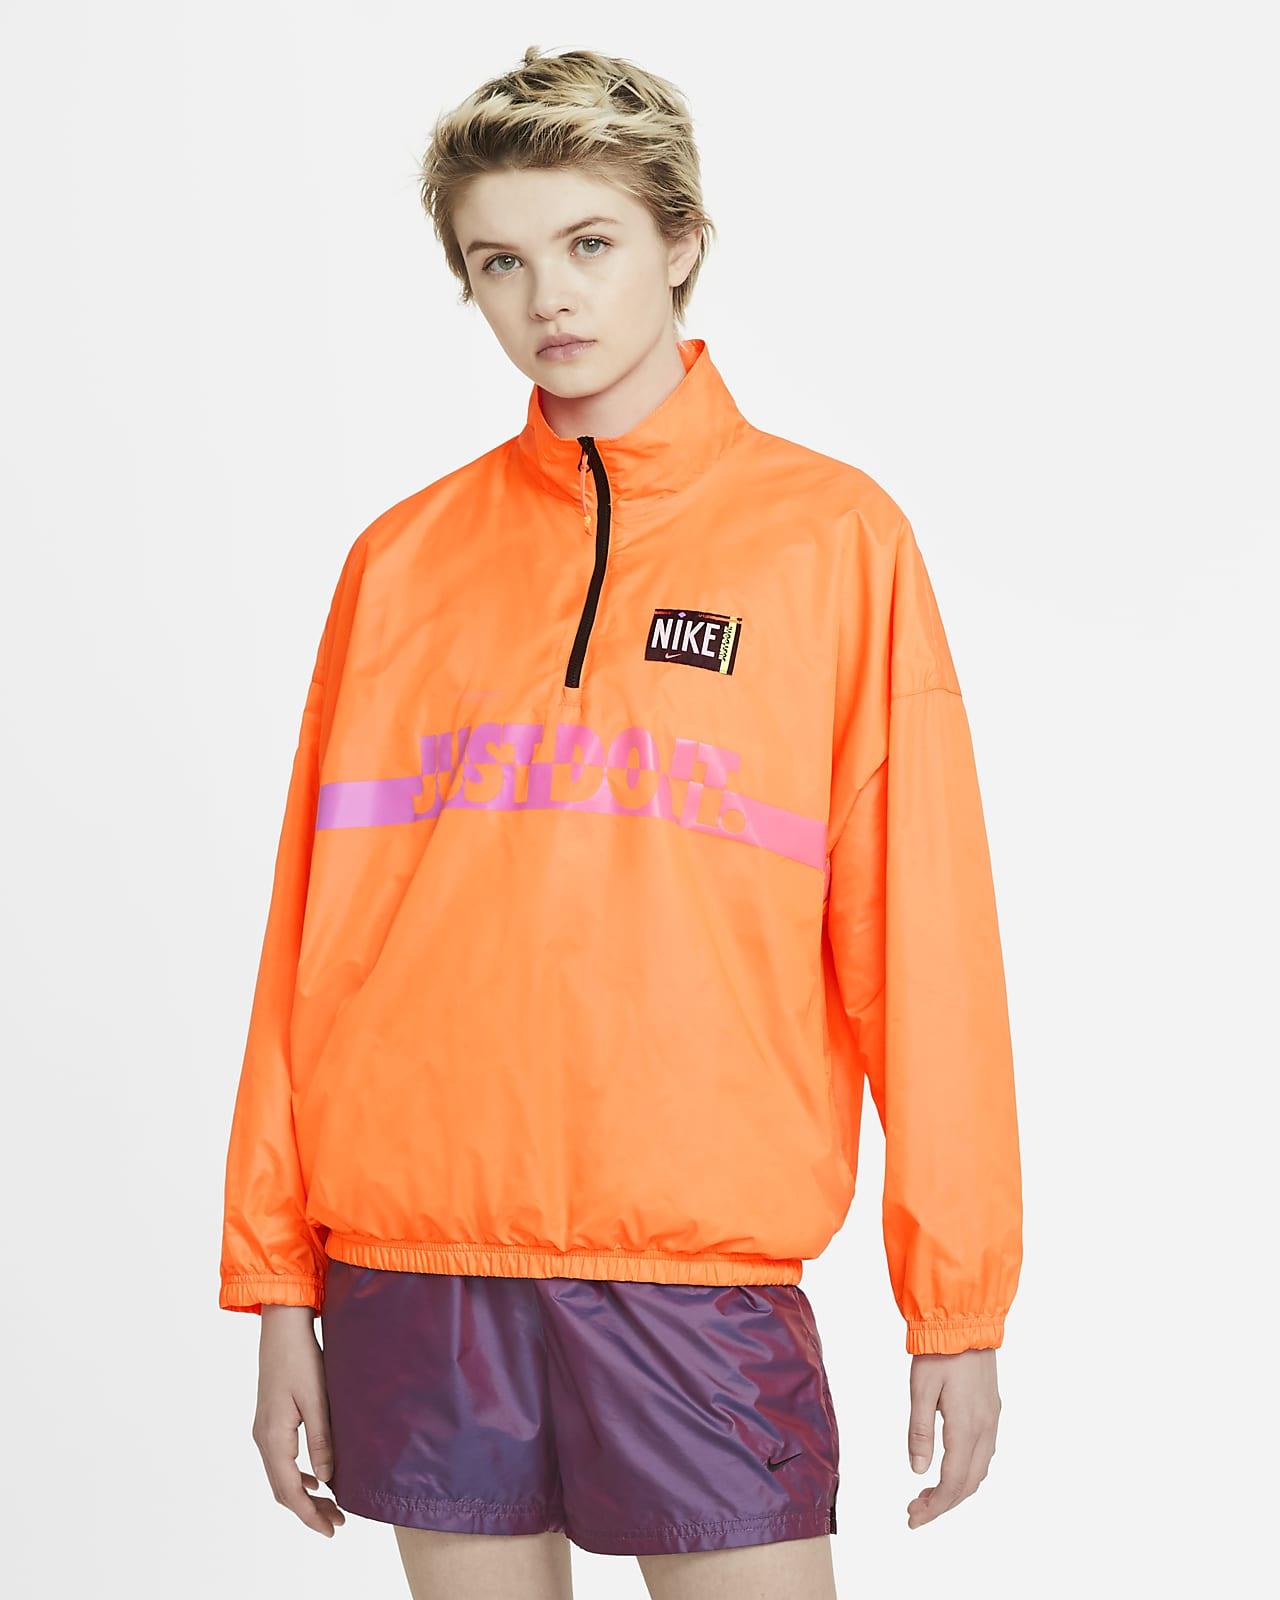 Vævet Nike Sportswear-pulloverjakke til kvinder